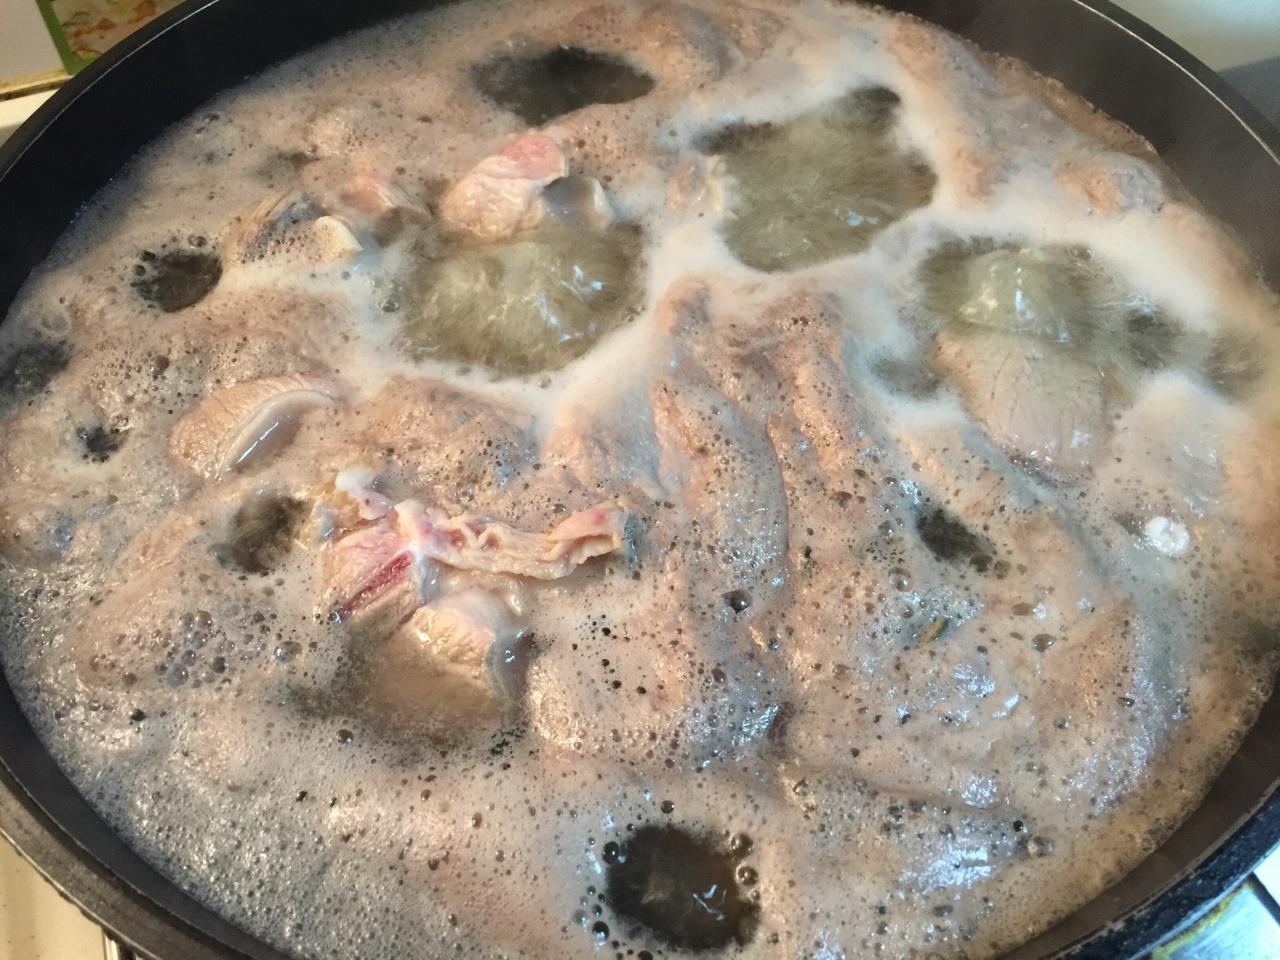 堂妈教你做红汤羊蝎子火锅的做法 步骤3